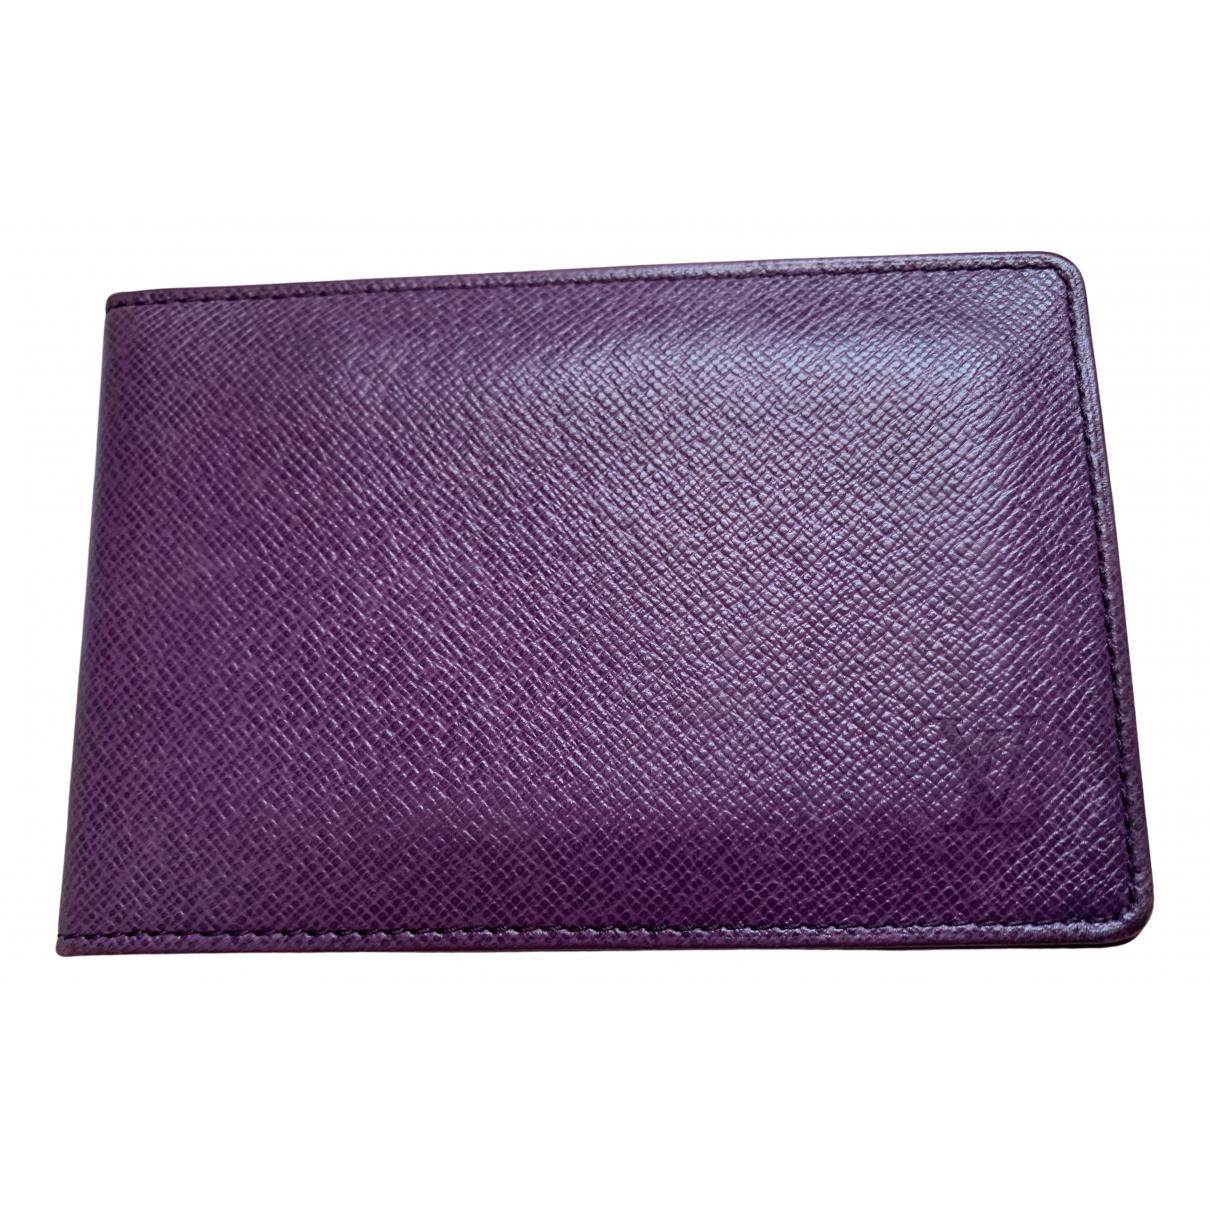 Louis Vuitton - Portefeuille   pour femme en cuir - violet